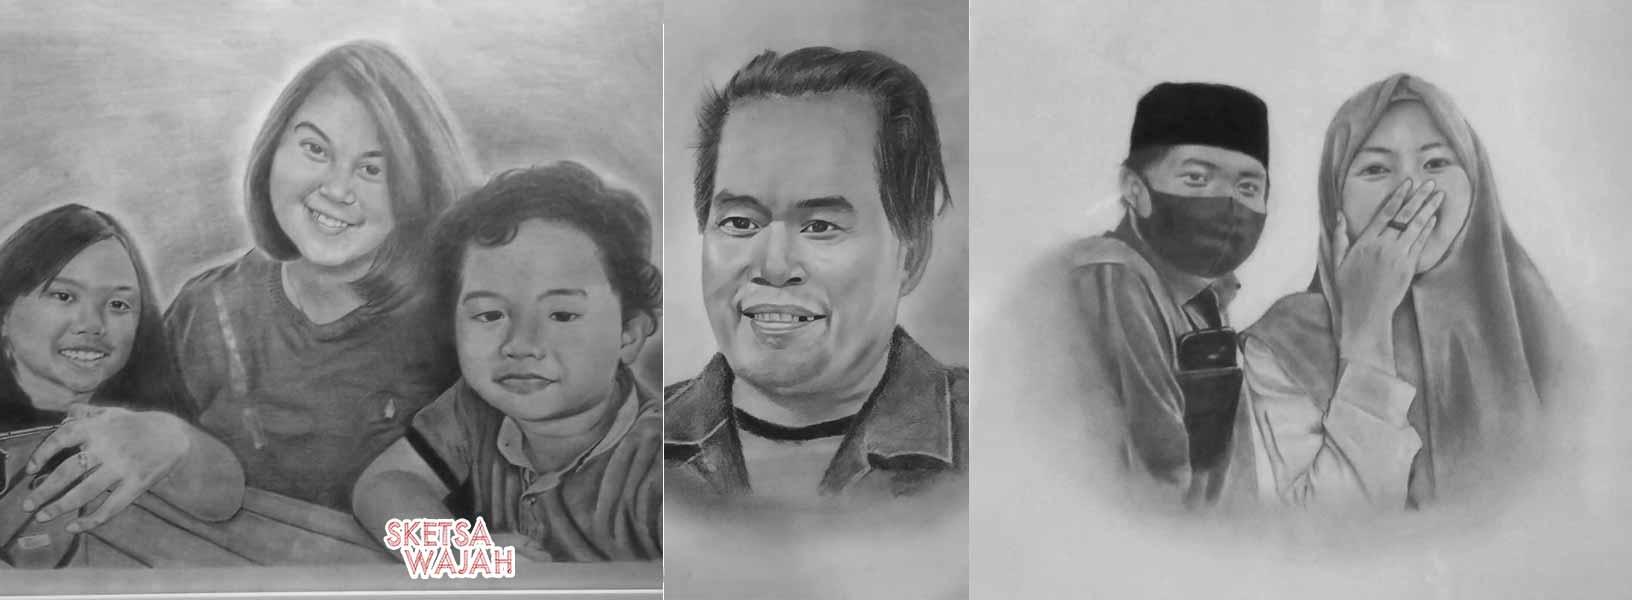 Karya Dinay Hafid sketcher Sketsa Wajah